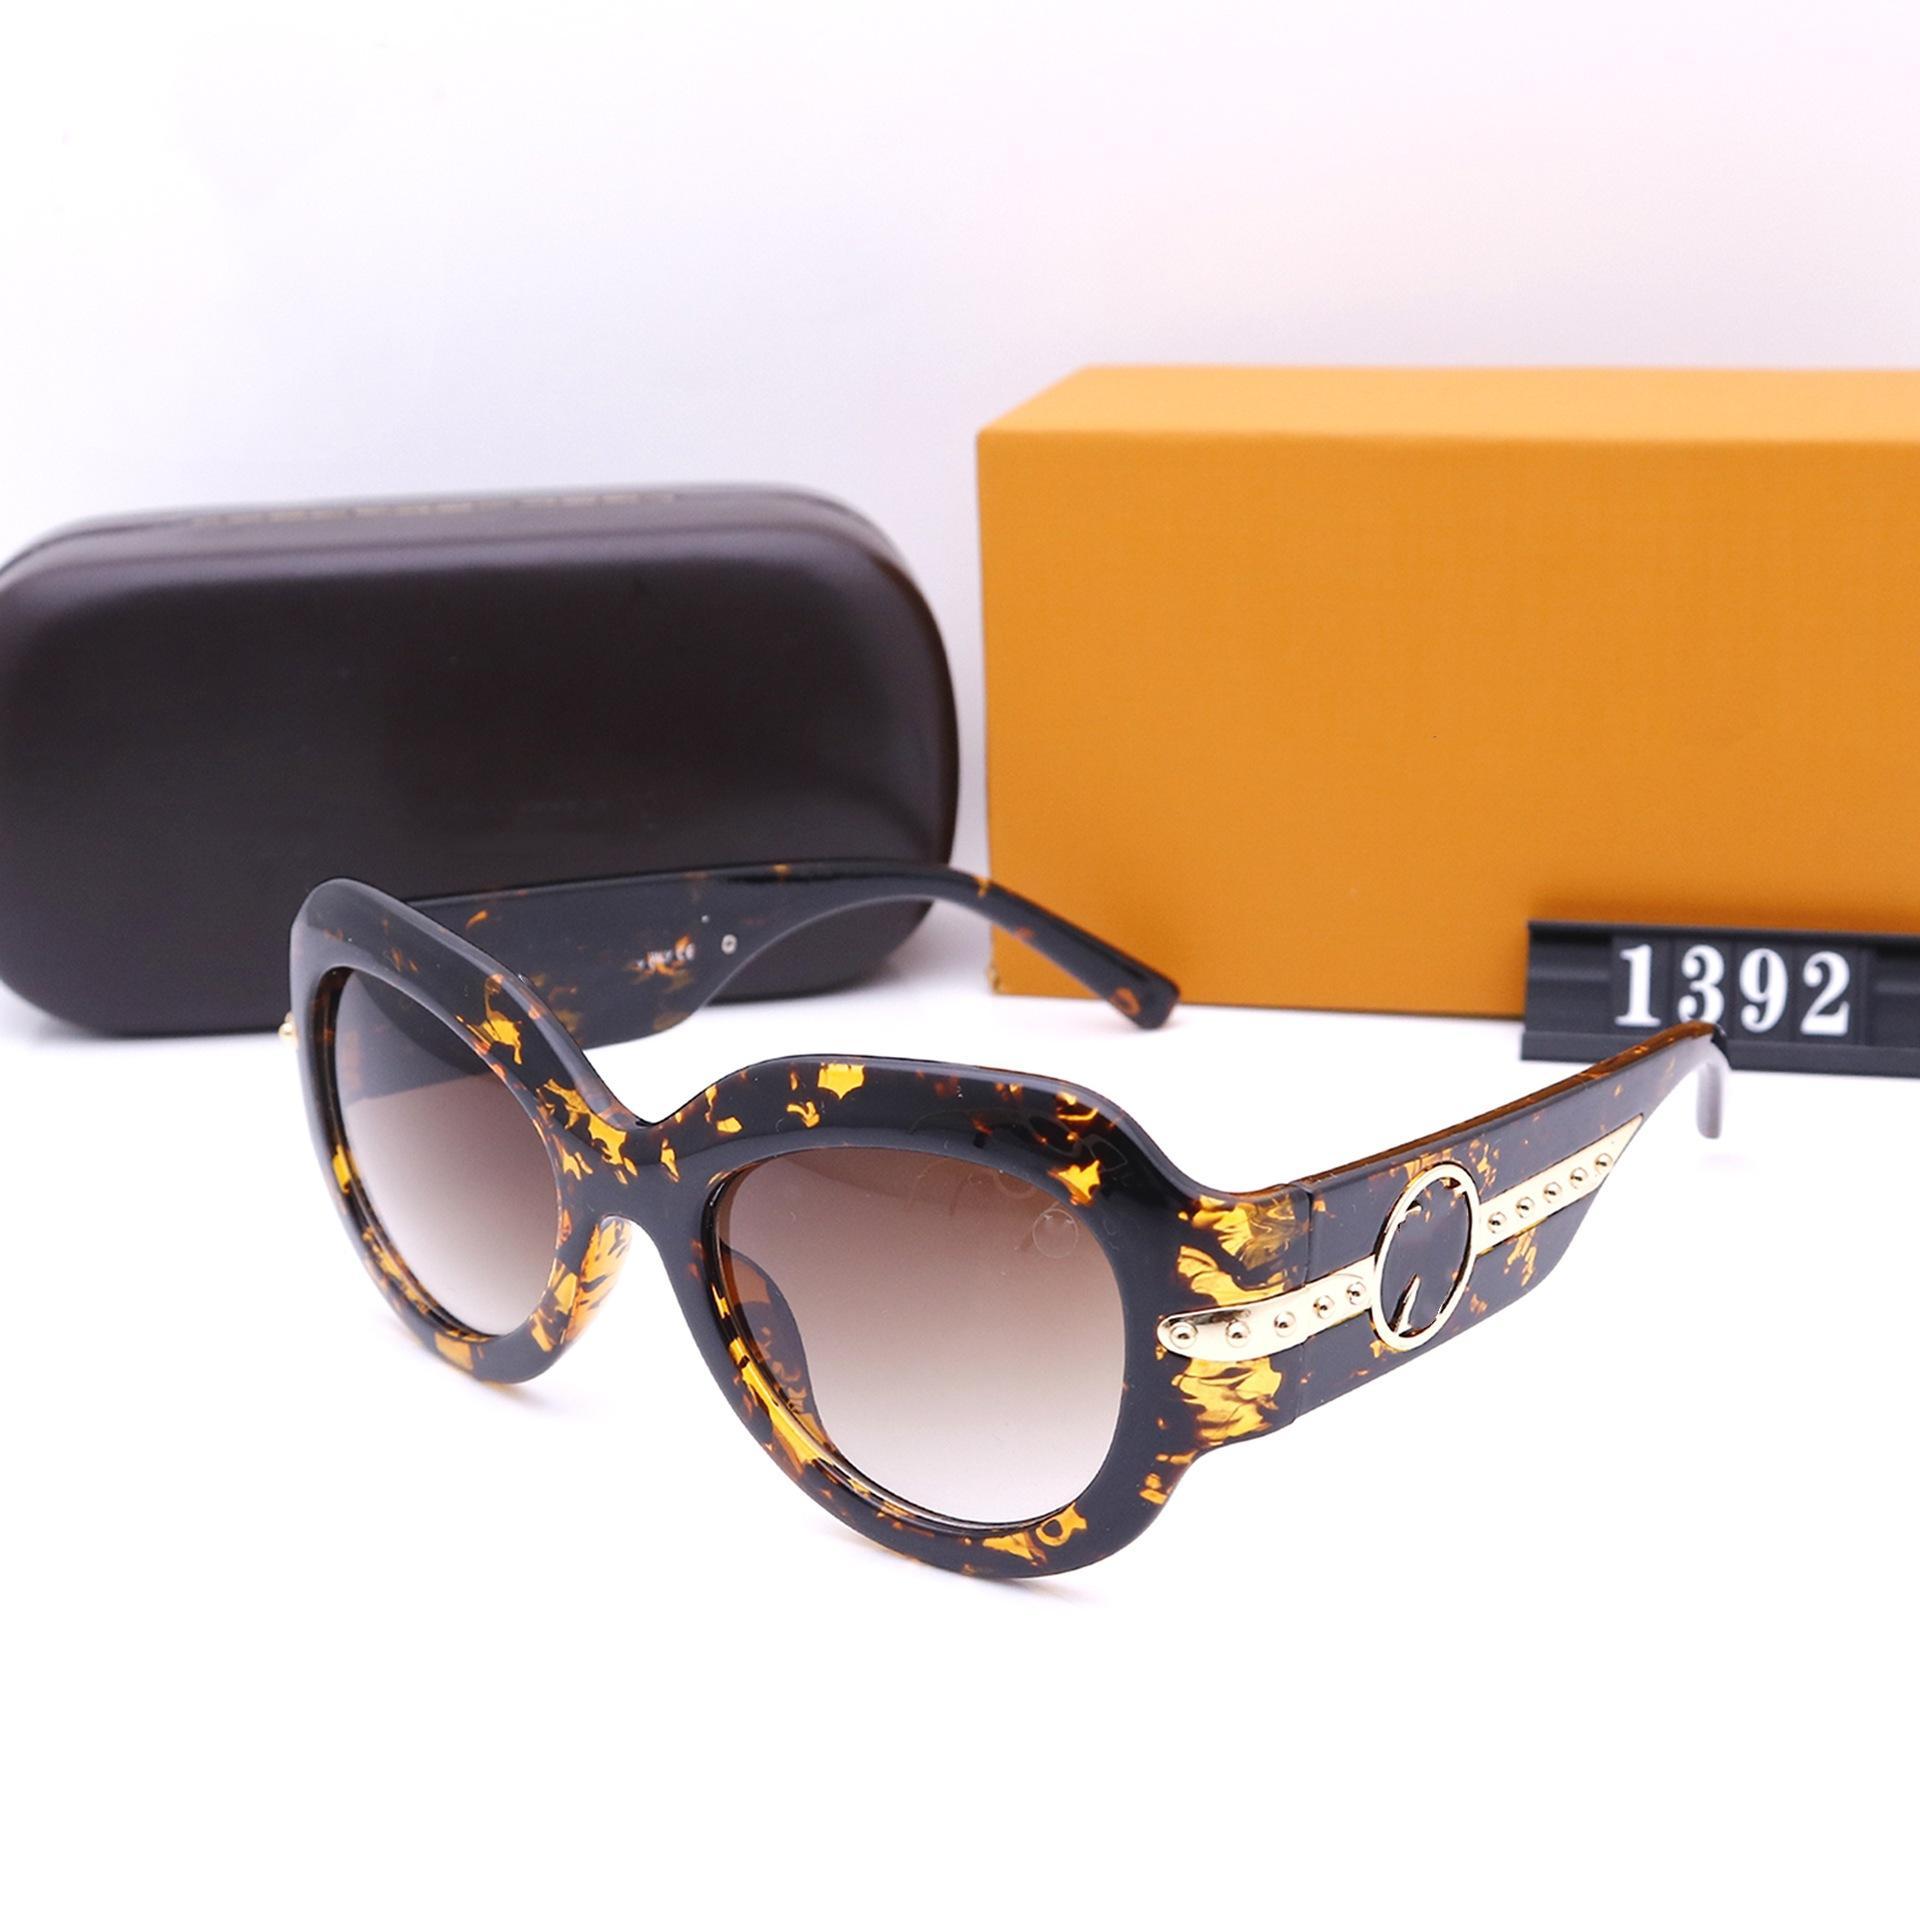 نظارات شمسية من خمسة ألوان أزياء للنساء مصممي فضي عالي الجودة HD الاستقطاب عدسات قيادة كلاسيكية 1392